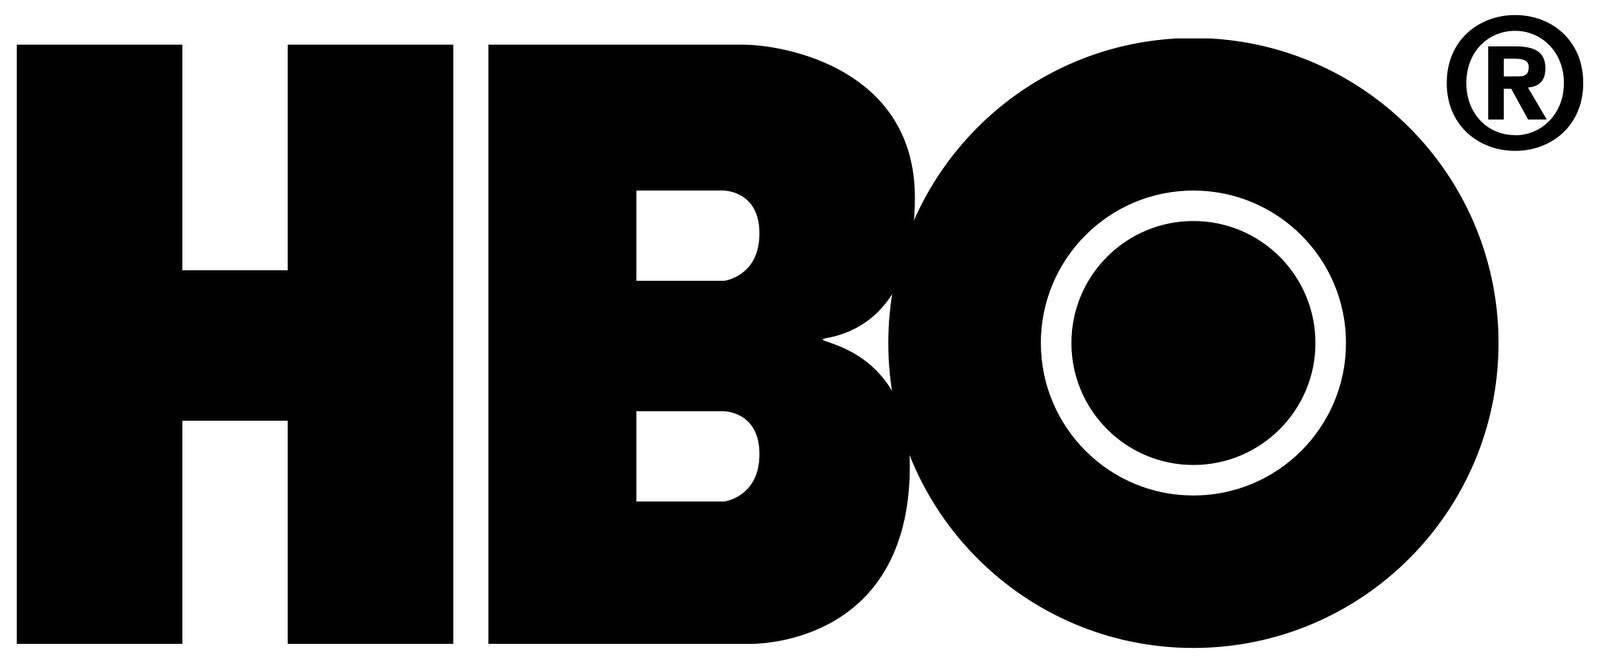 HBO company